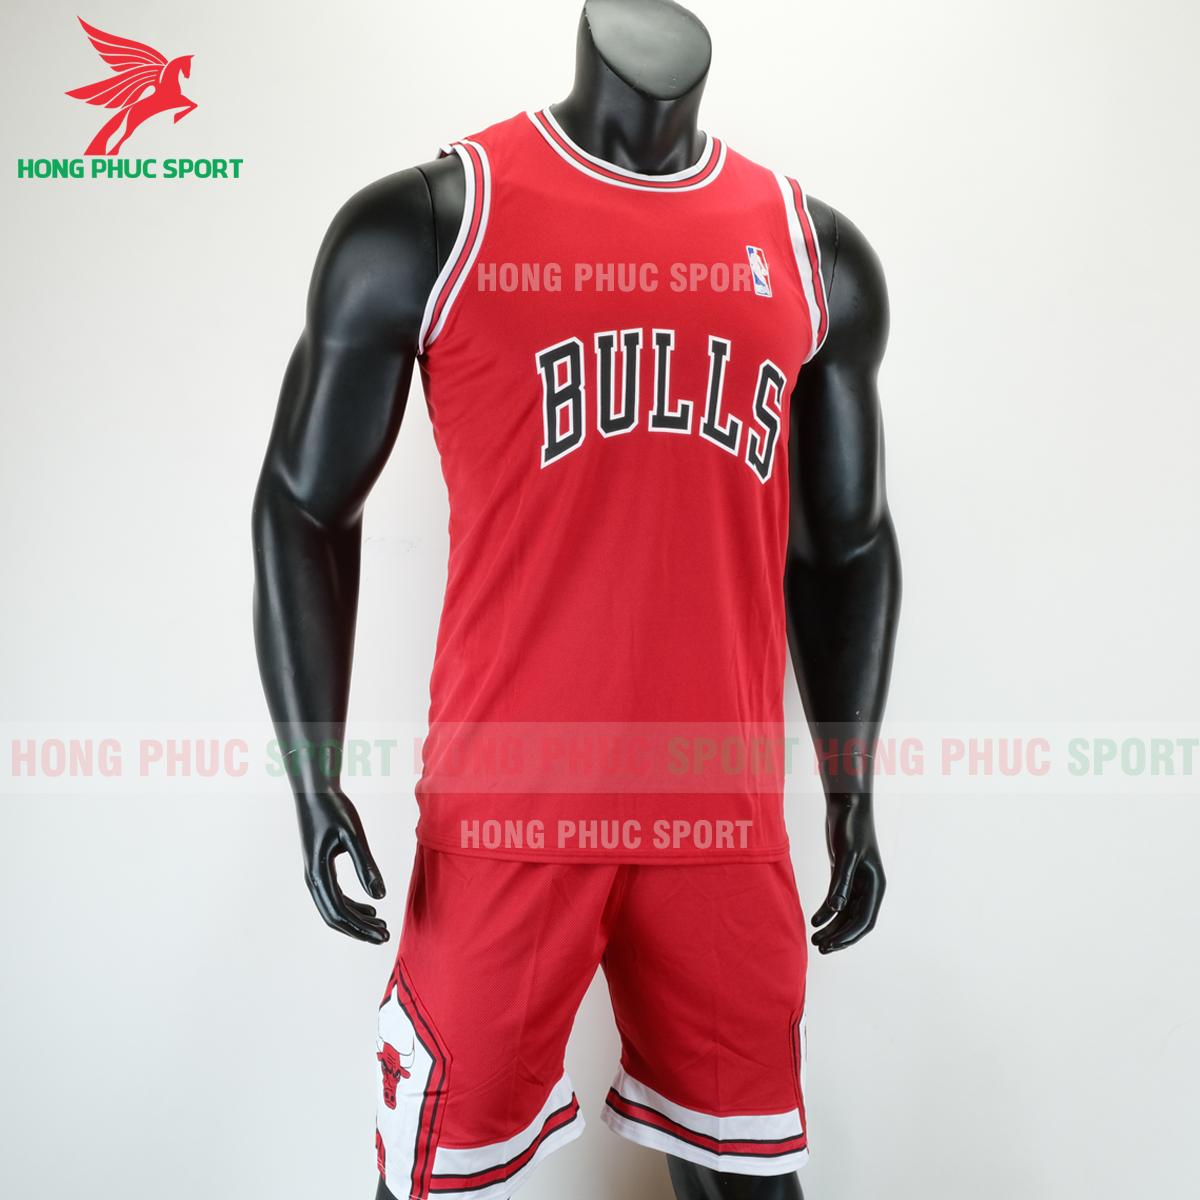 Áo bóng rổ Bulls 2020 màu đỏ (phải)